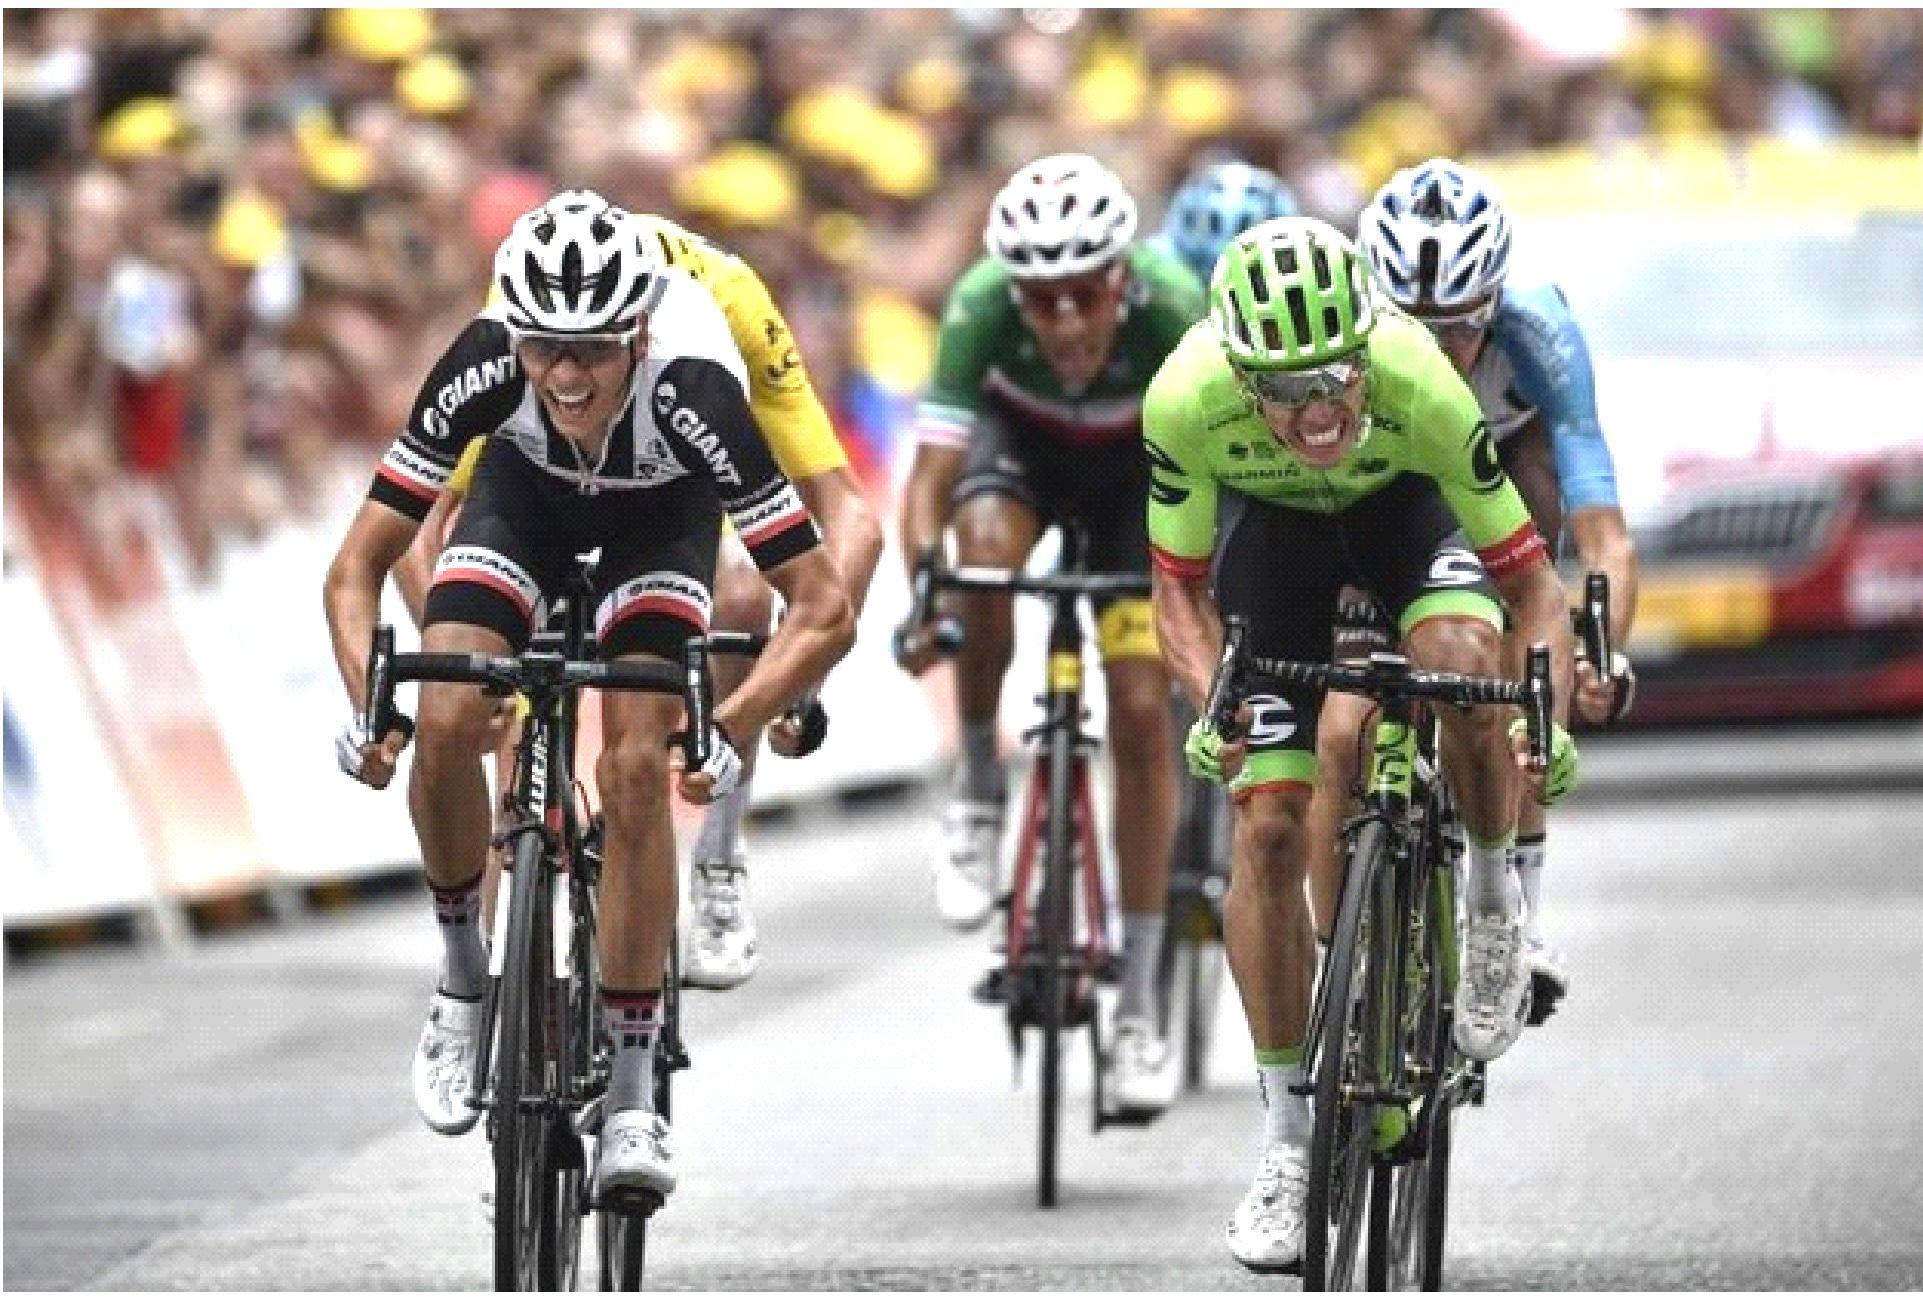 Tour, vince Uran: Froome resta in giallo, Aru con i migliori